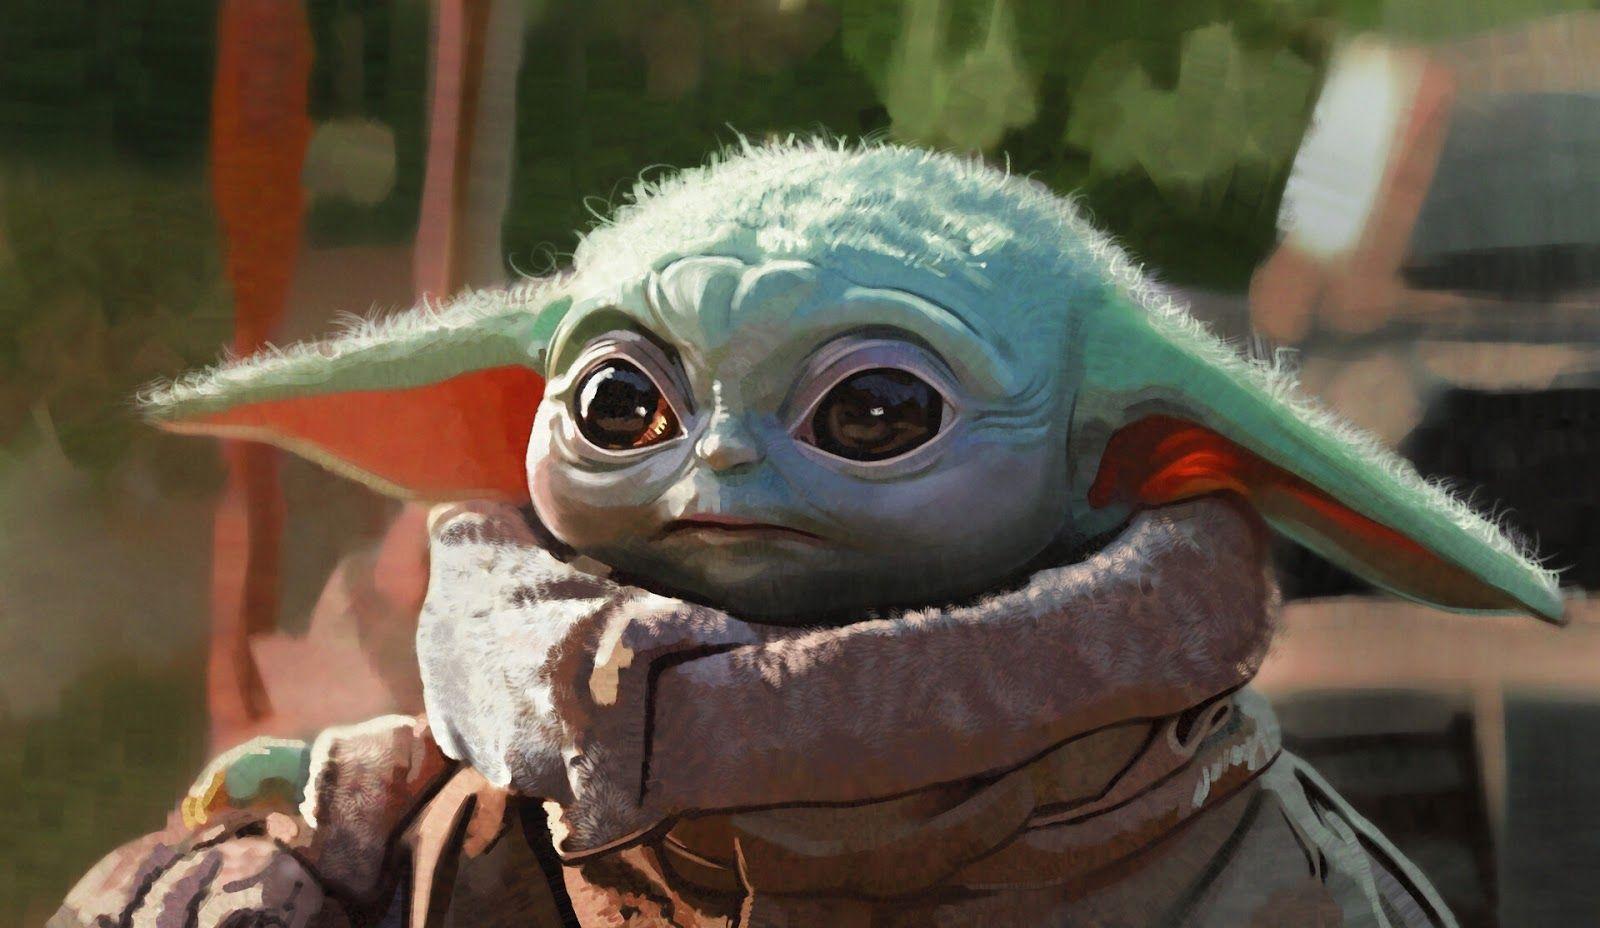 Baby Yoda Wallpaper in 2020 Yoda wallpaper, Yoda art